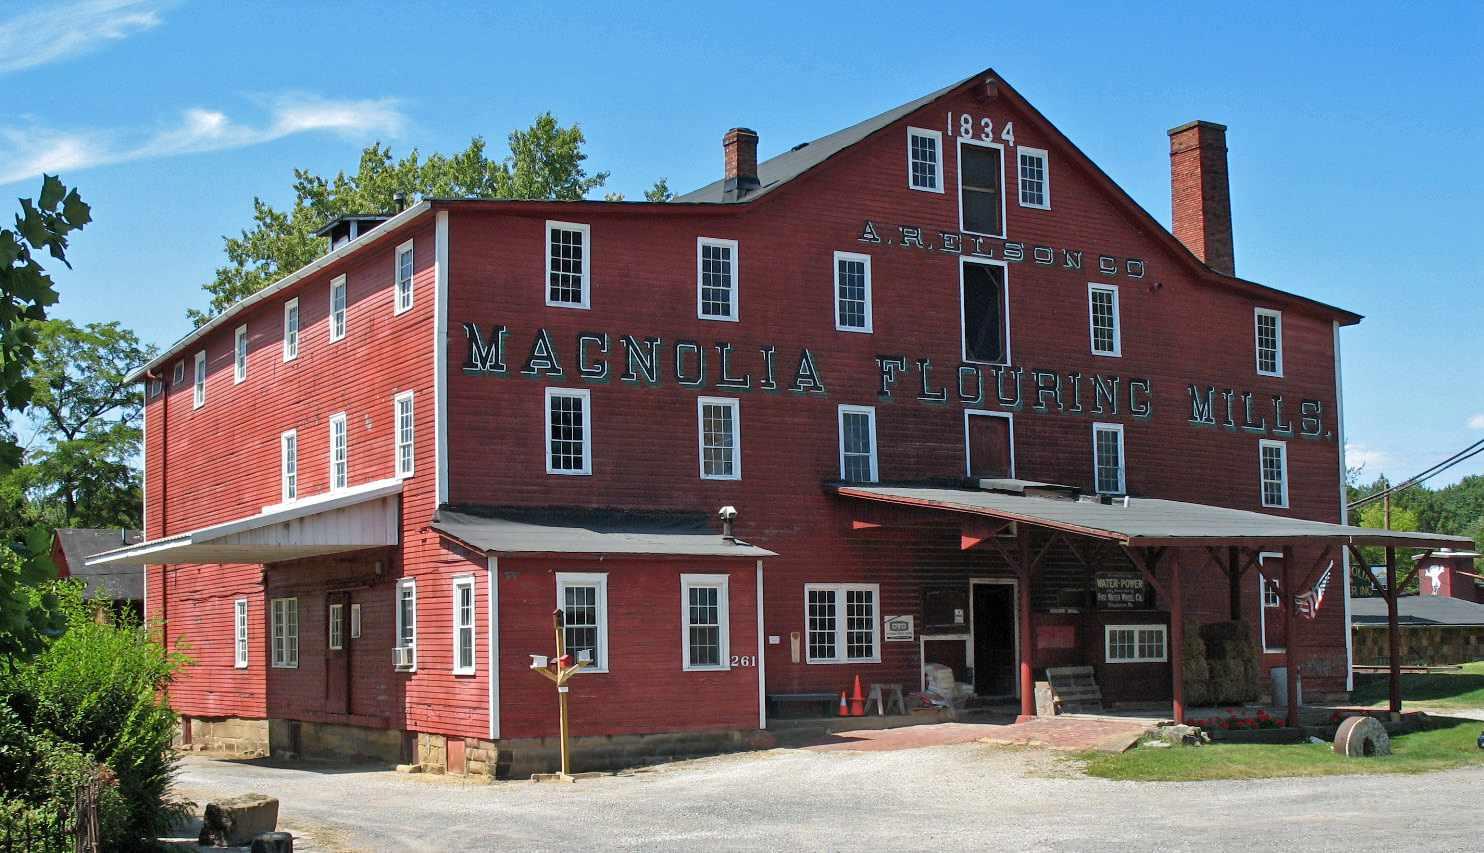 Magnolia Flour Mills